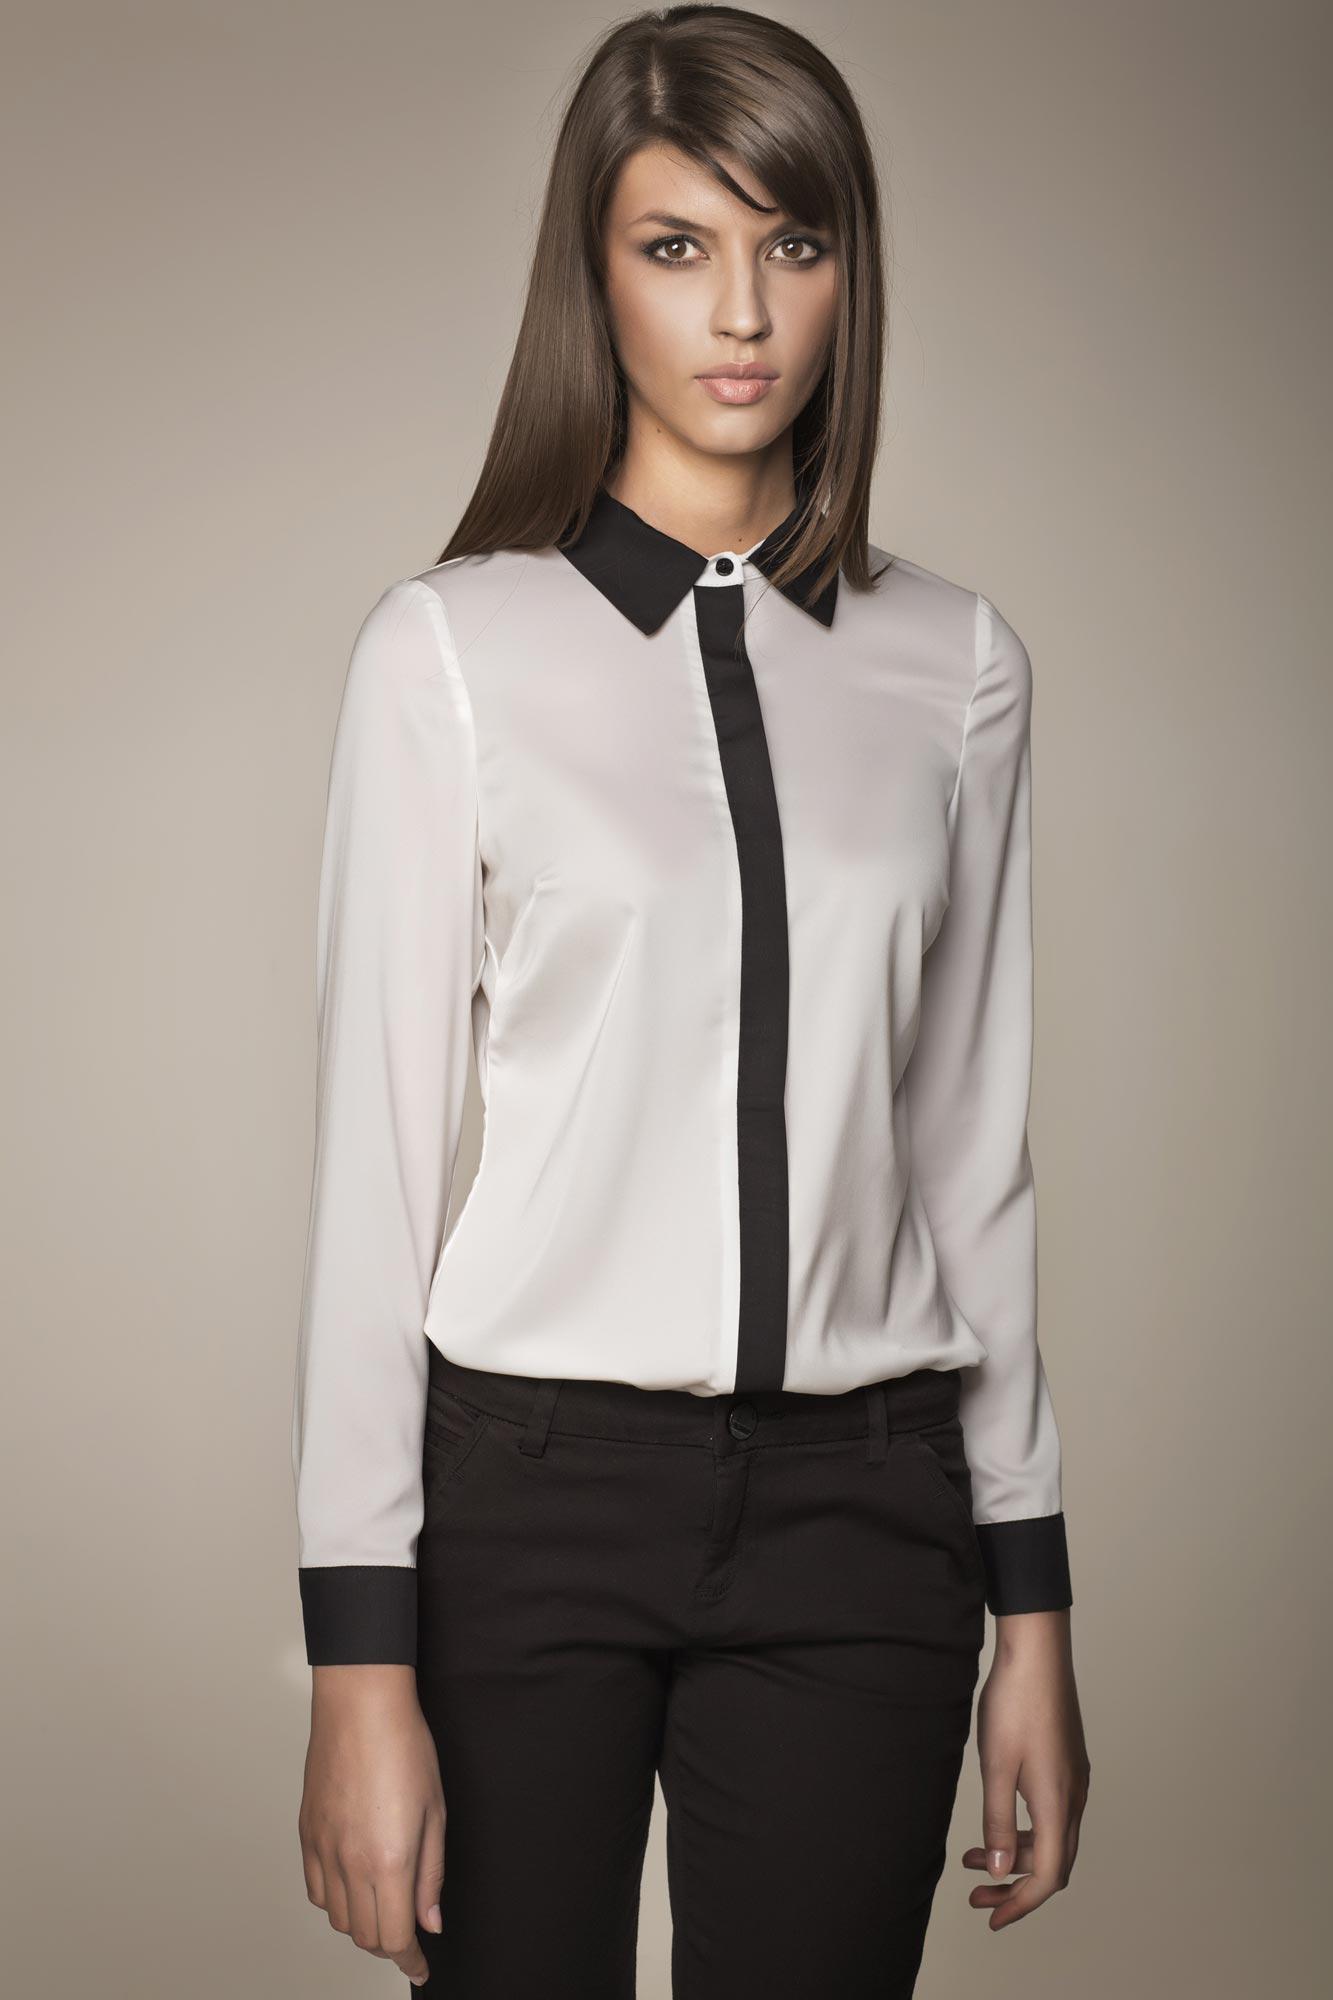 Le Style Classique Chic Chemisier Blanc Avec Boutonnage Sous Patte Noire Les Conseils Mode